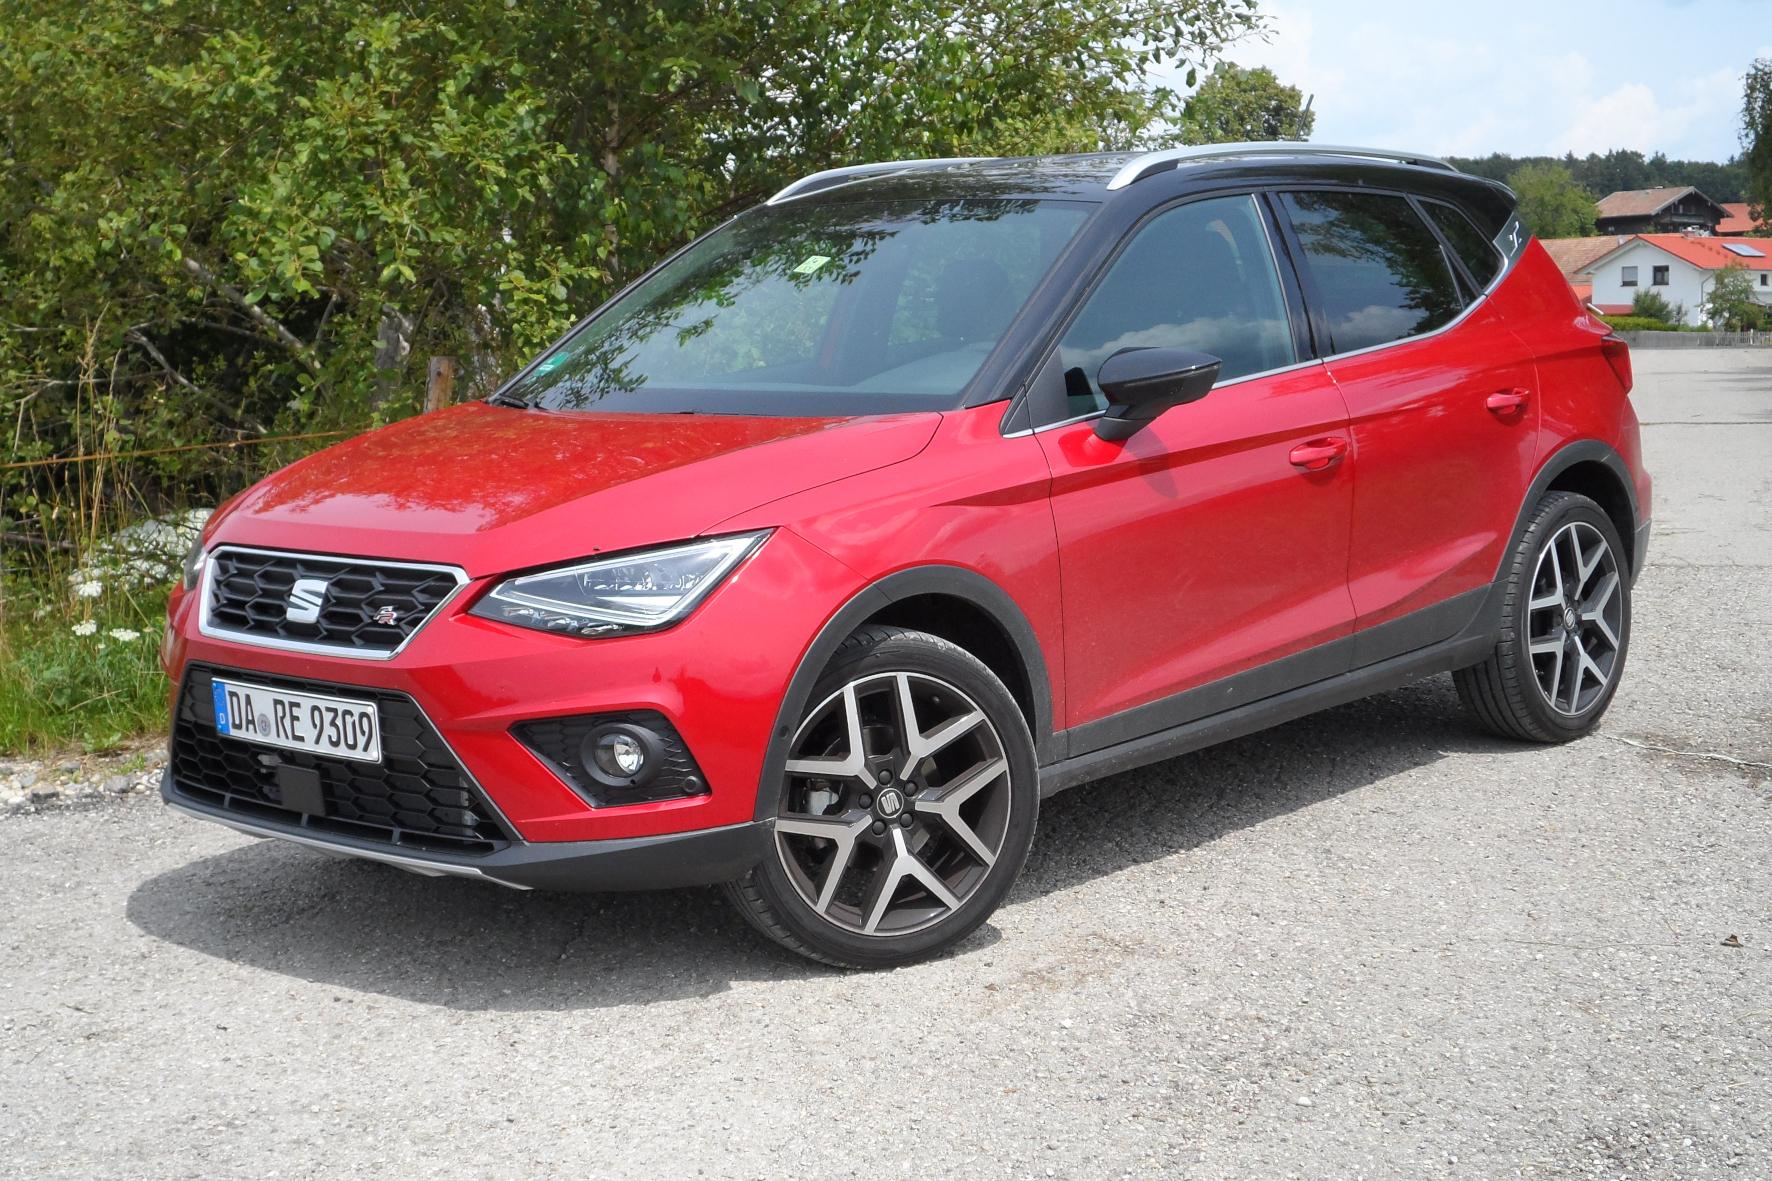 mid Groß-Gerau - Das City-SUV Arona gibt es auch mit Erdgas-Antrieb - bei Seat heißt dieser TGI. Rudolf Huber / mid